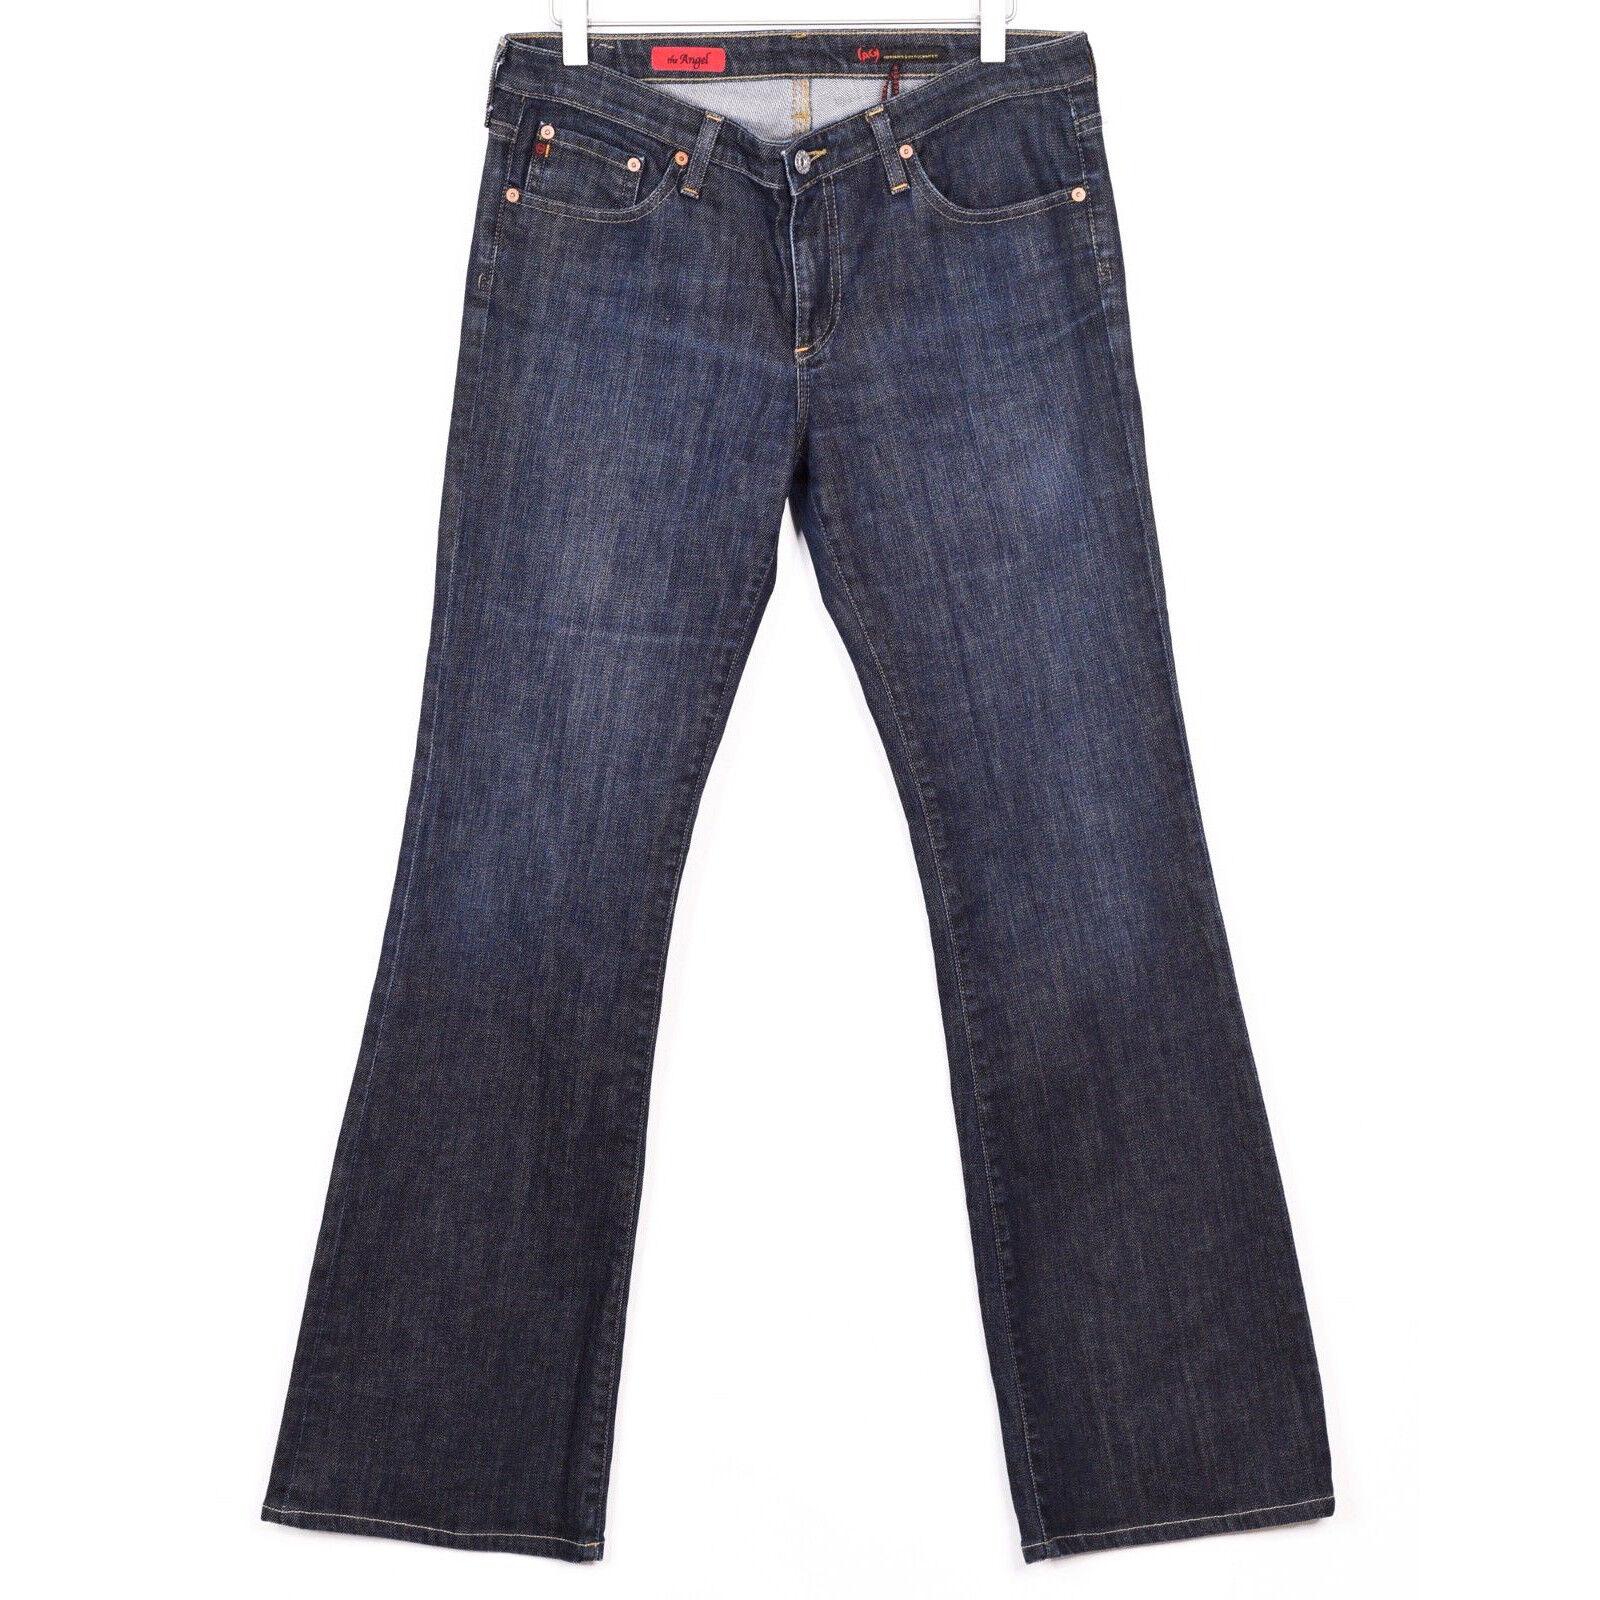 Adriano goldschmied Womens Size 31 bluee The Angel Denim Jeans Dark Wash EUC